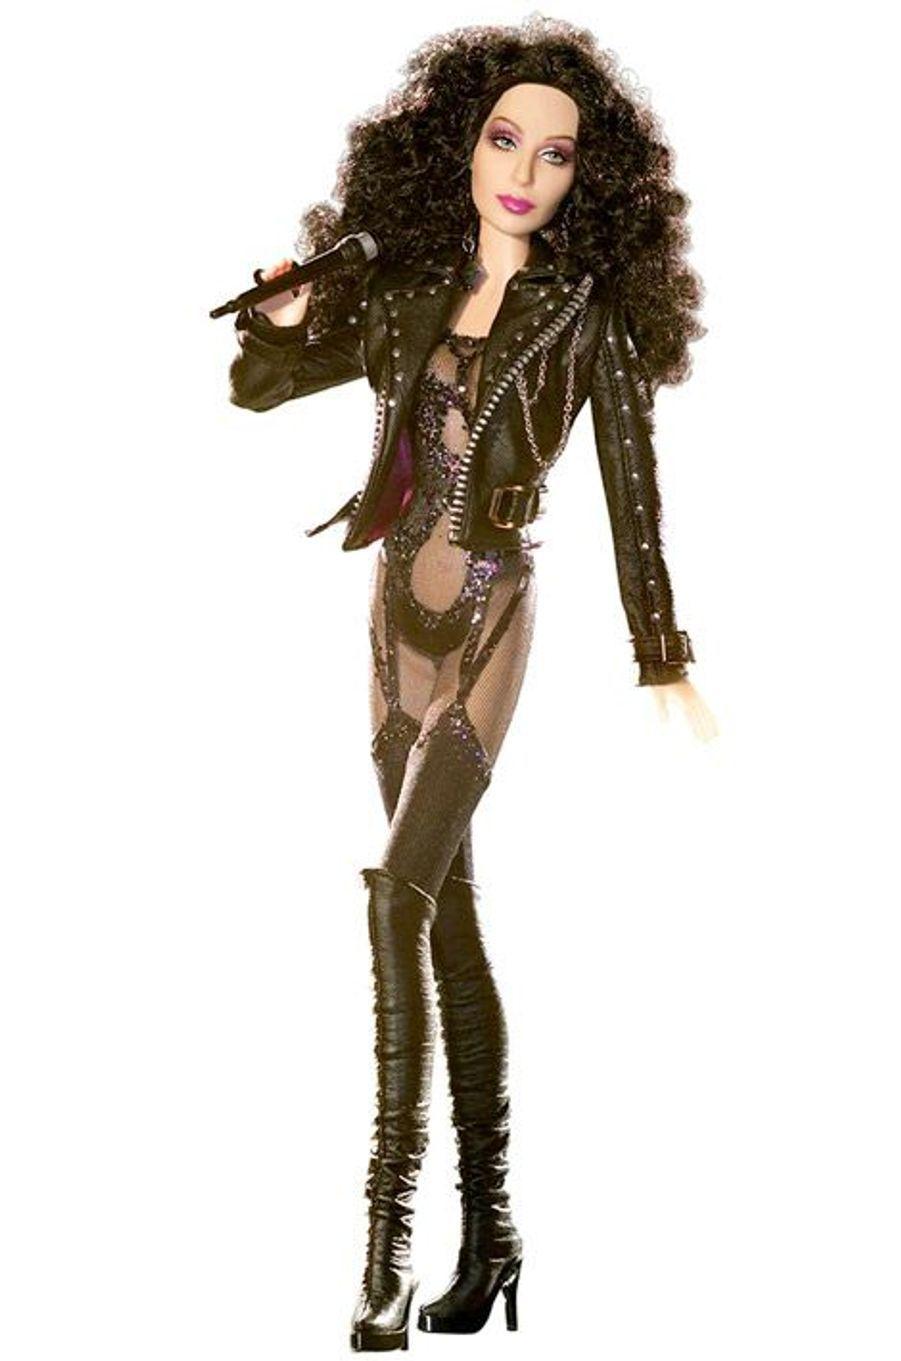 La Barbie Cher reprend le look de la chanteuse dans les années 80